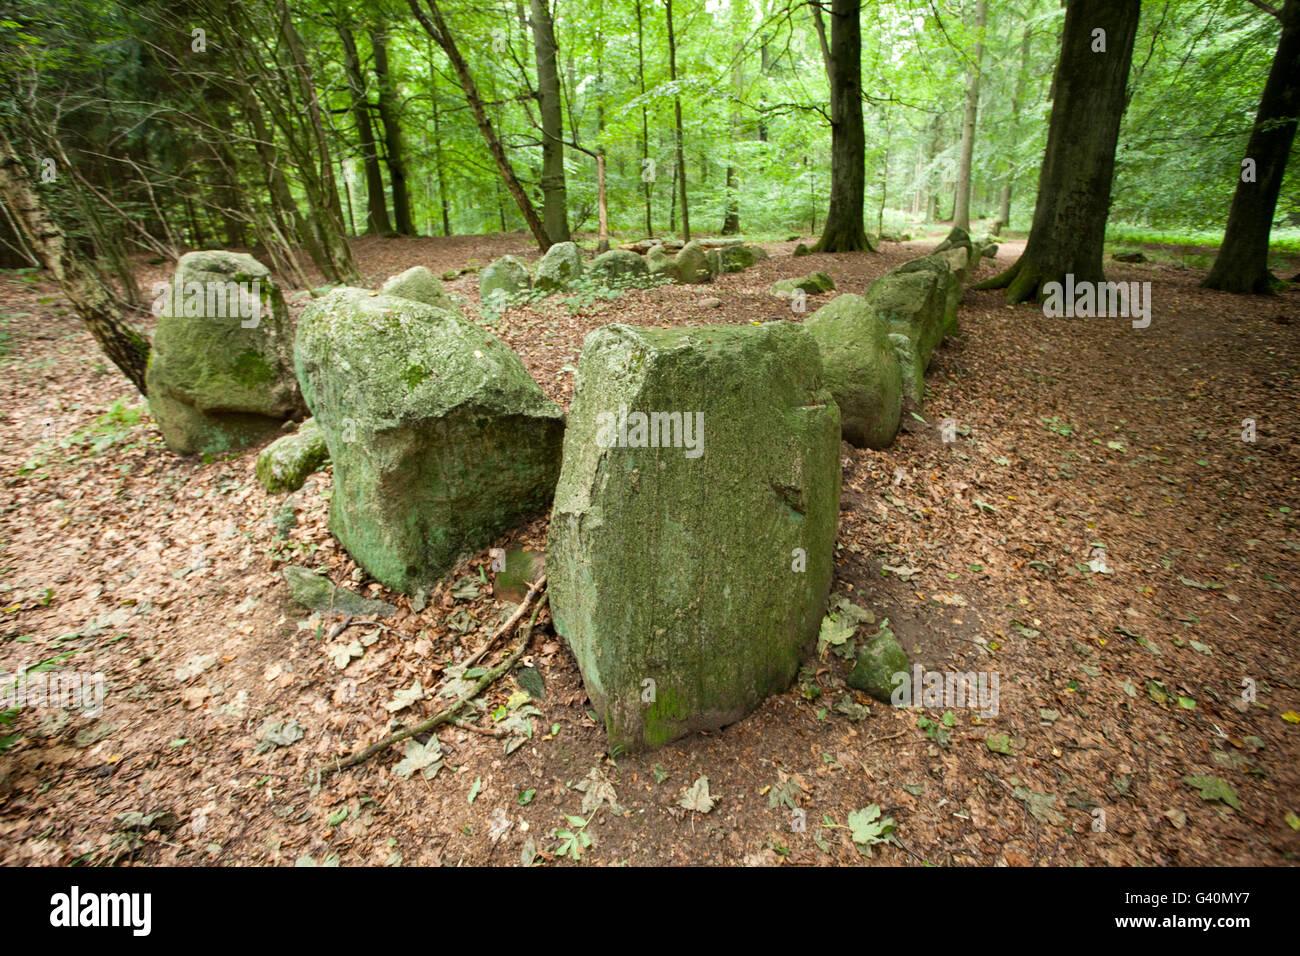 Giant's bed, Everstorfer Forest, Kluetzer Winkel, Mecklenburg-Western Pomerania - Stock Image